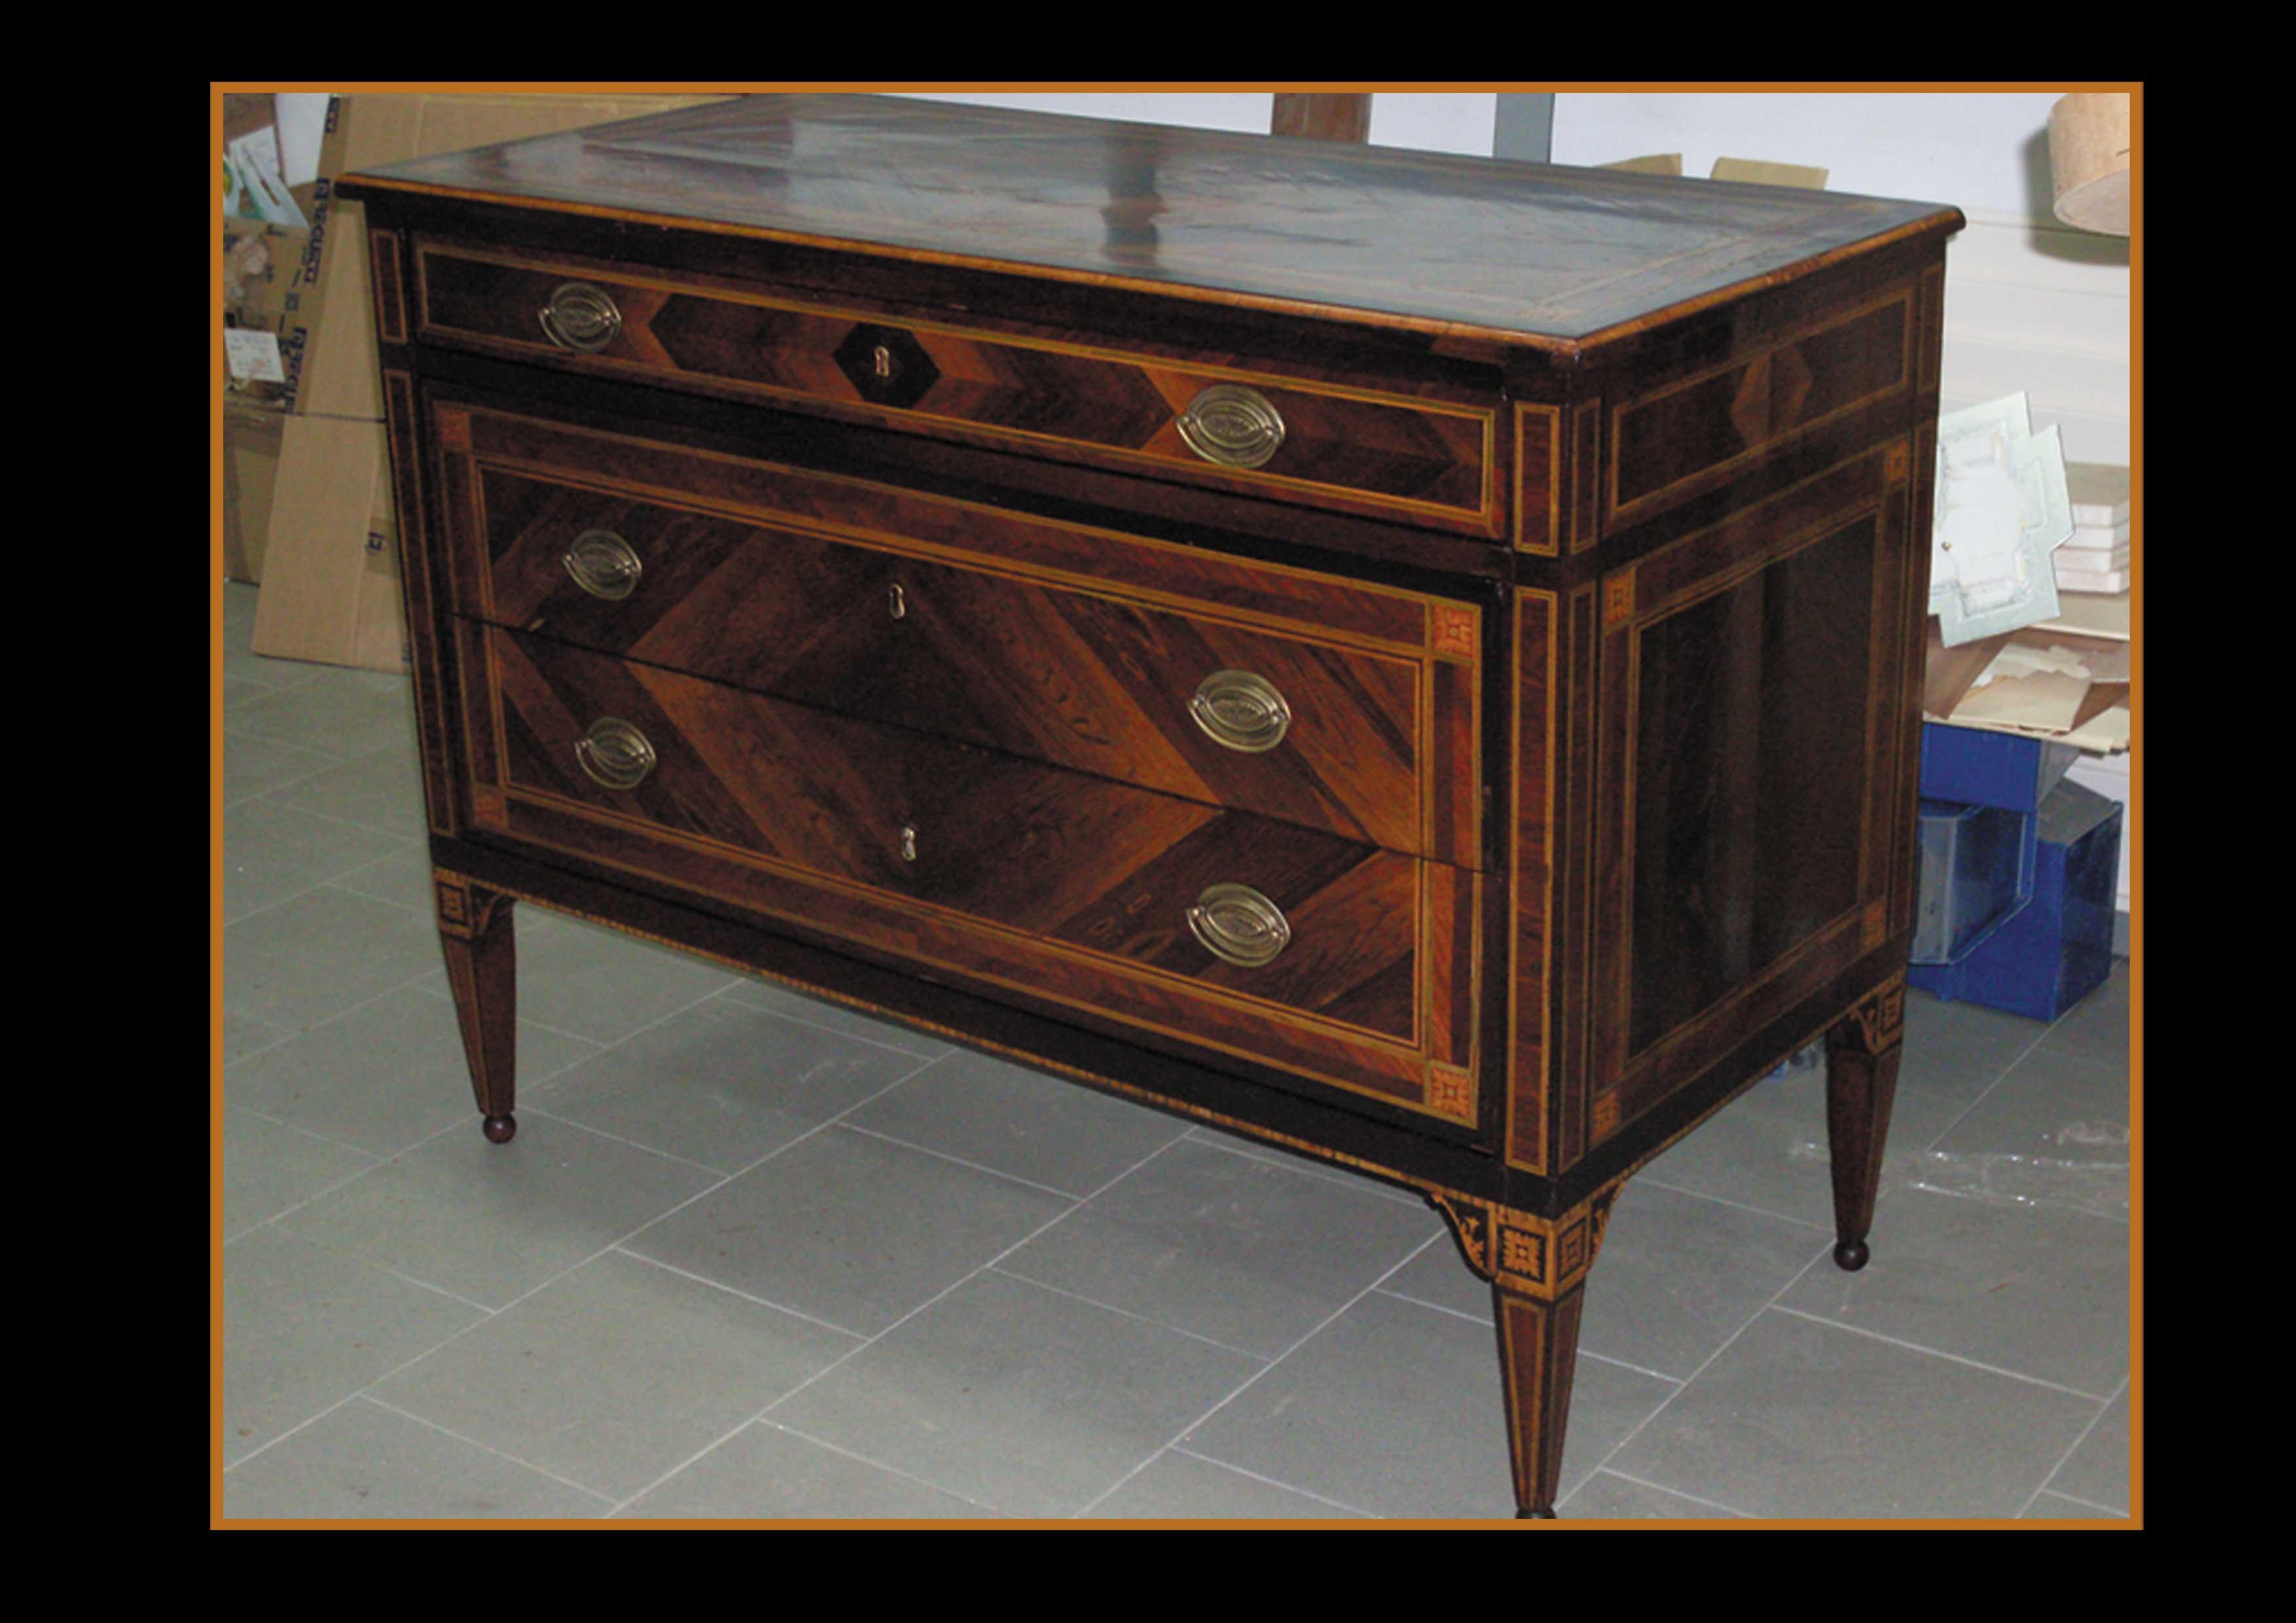 Gruppo scalise restauro mobili antichi riproduzioni - Mobili antichi colorati ...